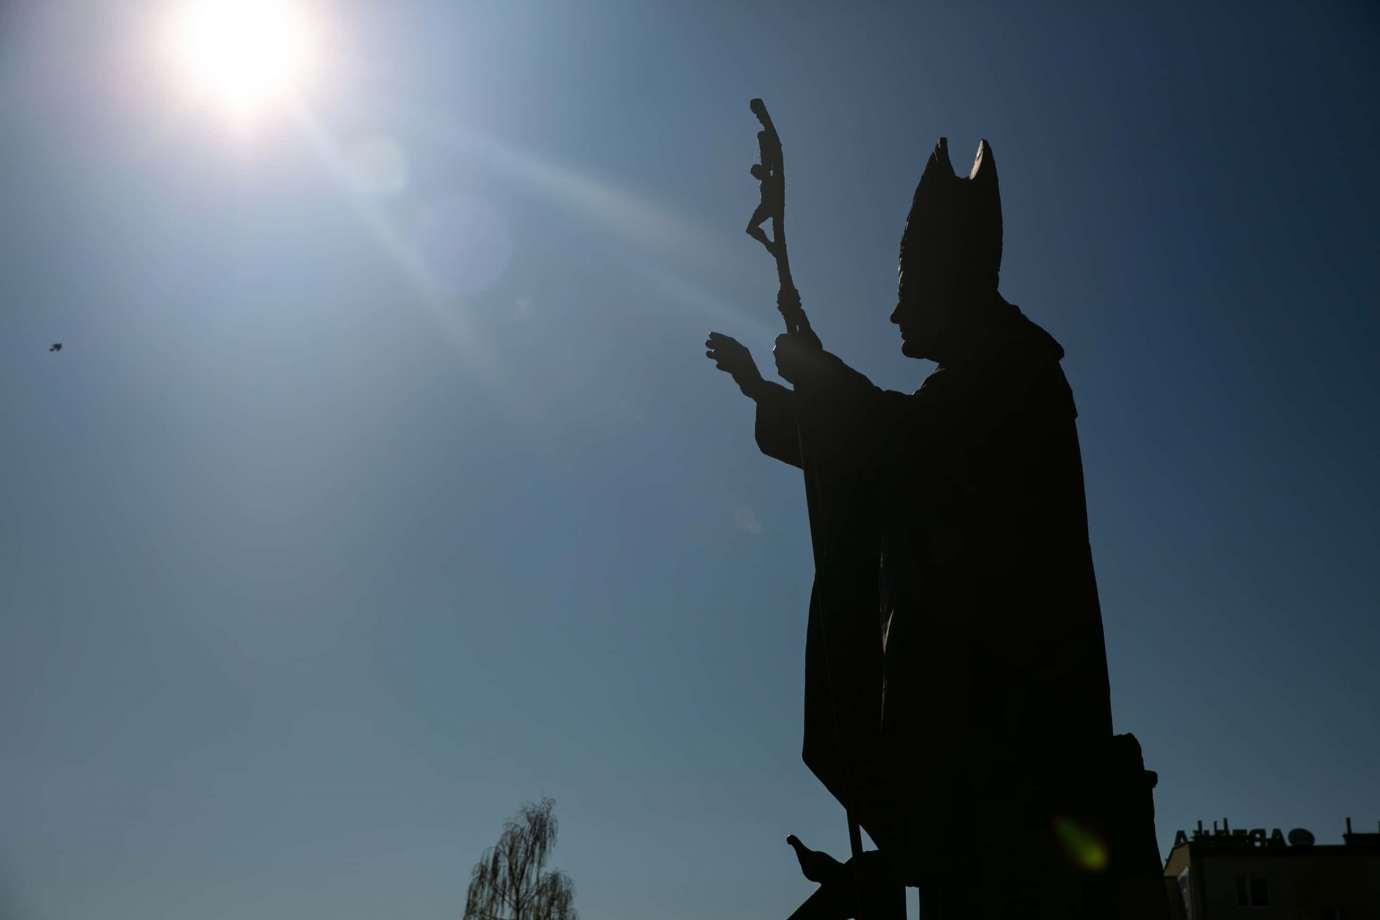 parafia pw matki bozej krolowej polski w zamosciu 3 Zdjęcia grobów pańskich w zamojskich świątyniach